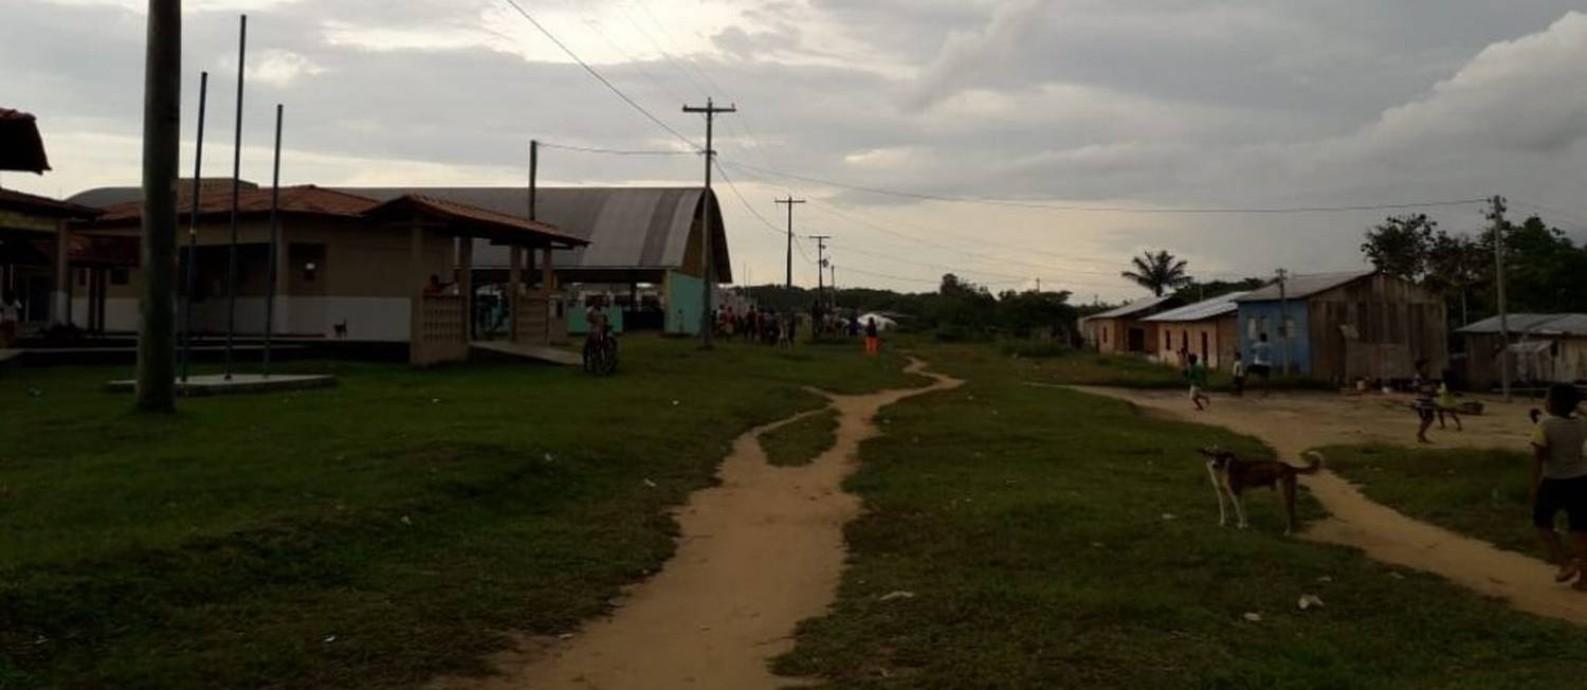 Aldeia Lago Grande, no Alto Solimões, onde cerca de 900 moradores ficarão isolados por 14 dias. Foto: Secretaria Municipal de Saúde de Santo Antônio do Içá